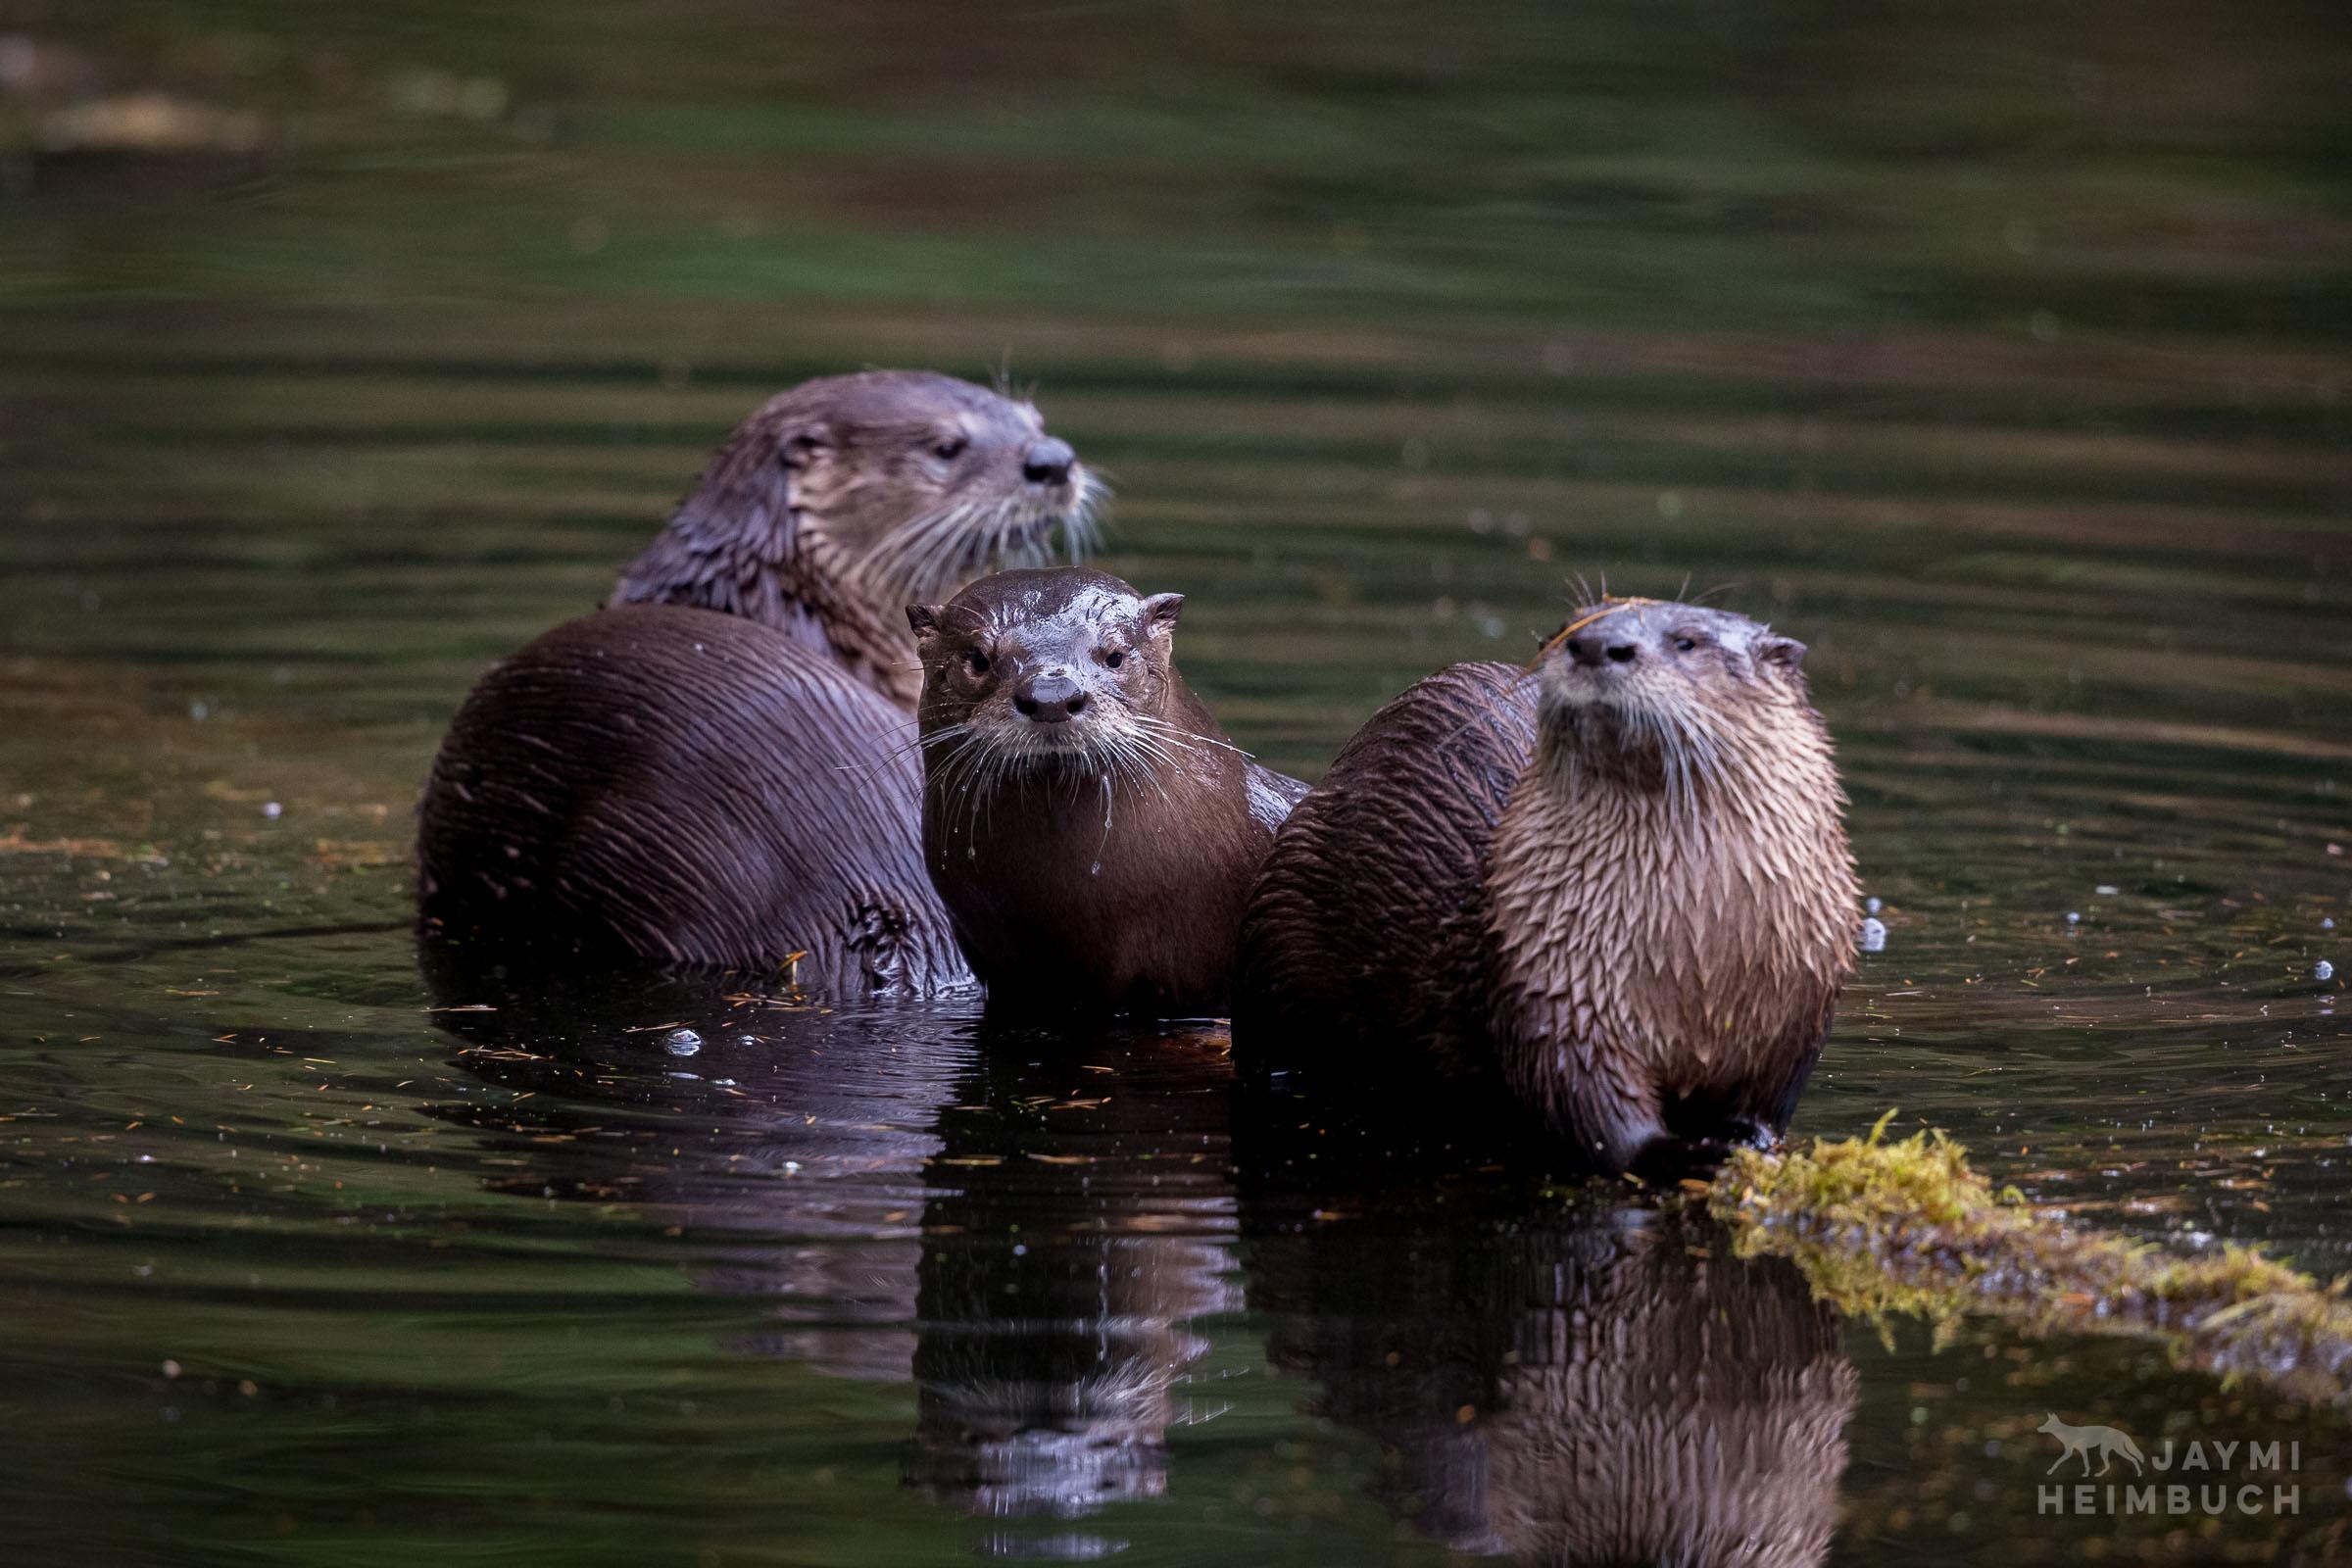 North american river otter, oregon